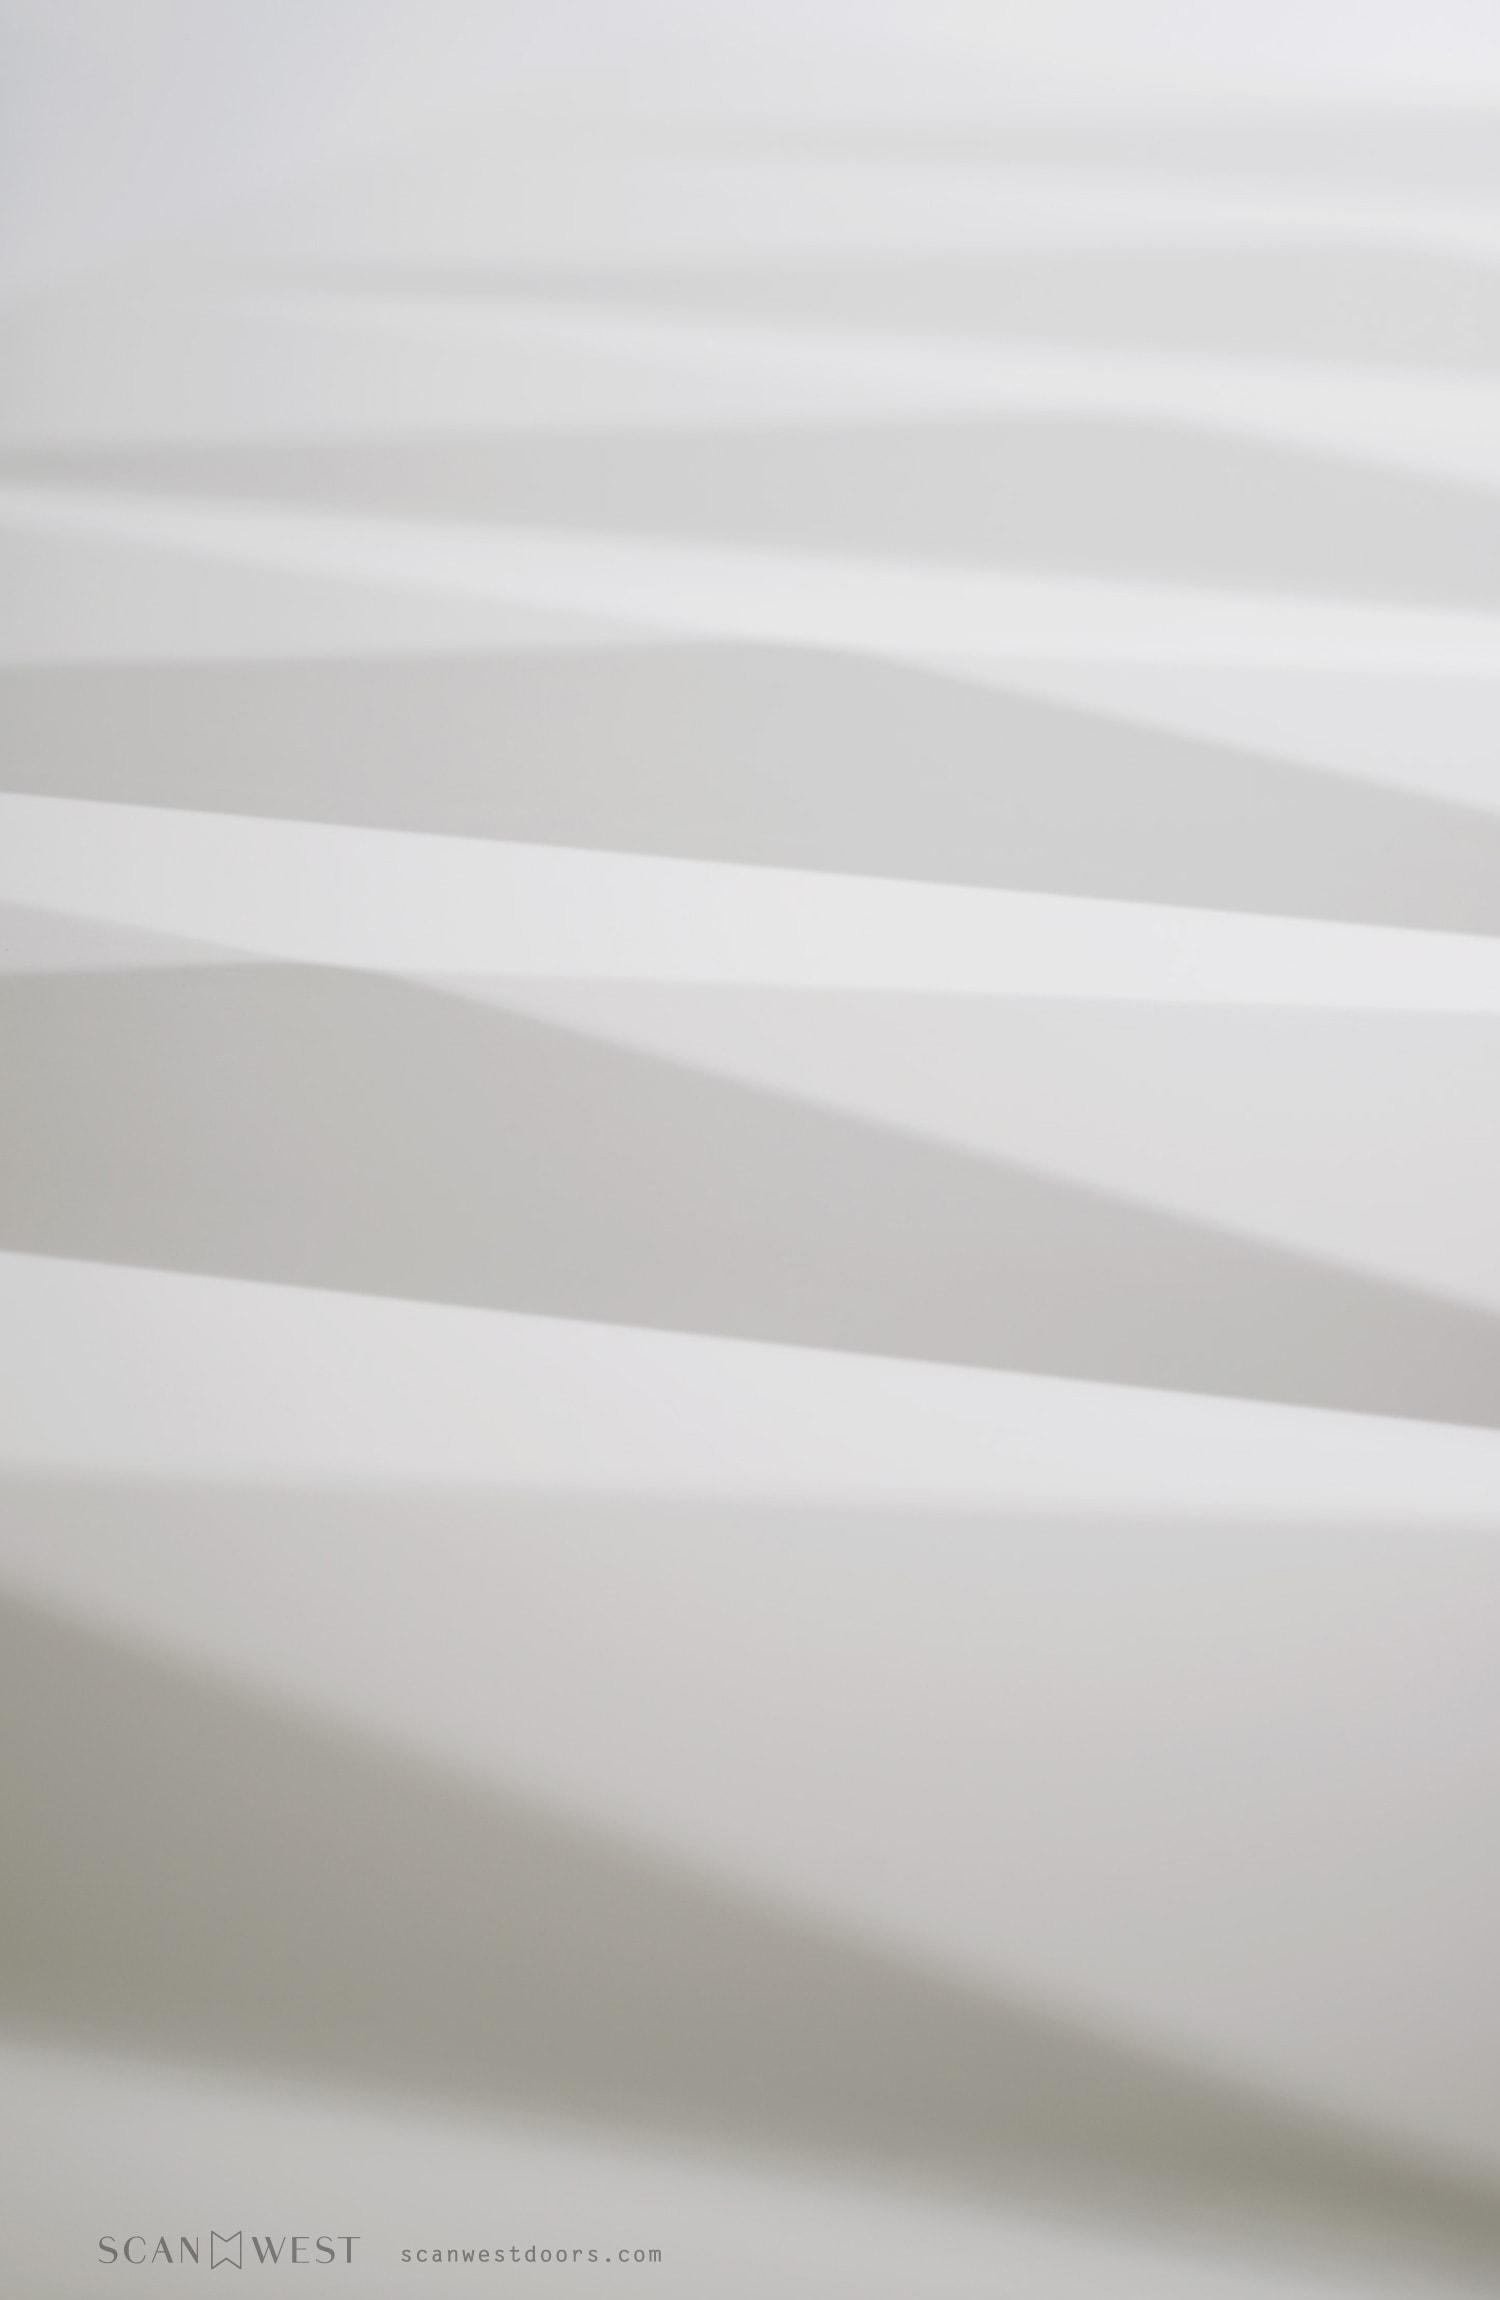 DECO-Door-Modern-Contemporary-Texture-Luxury-1500x2300